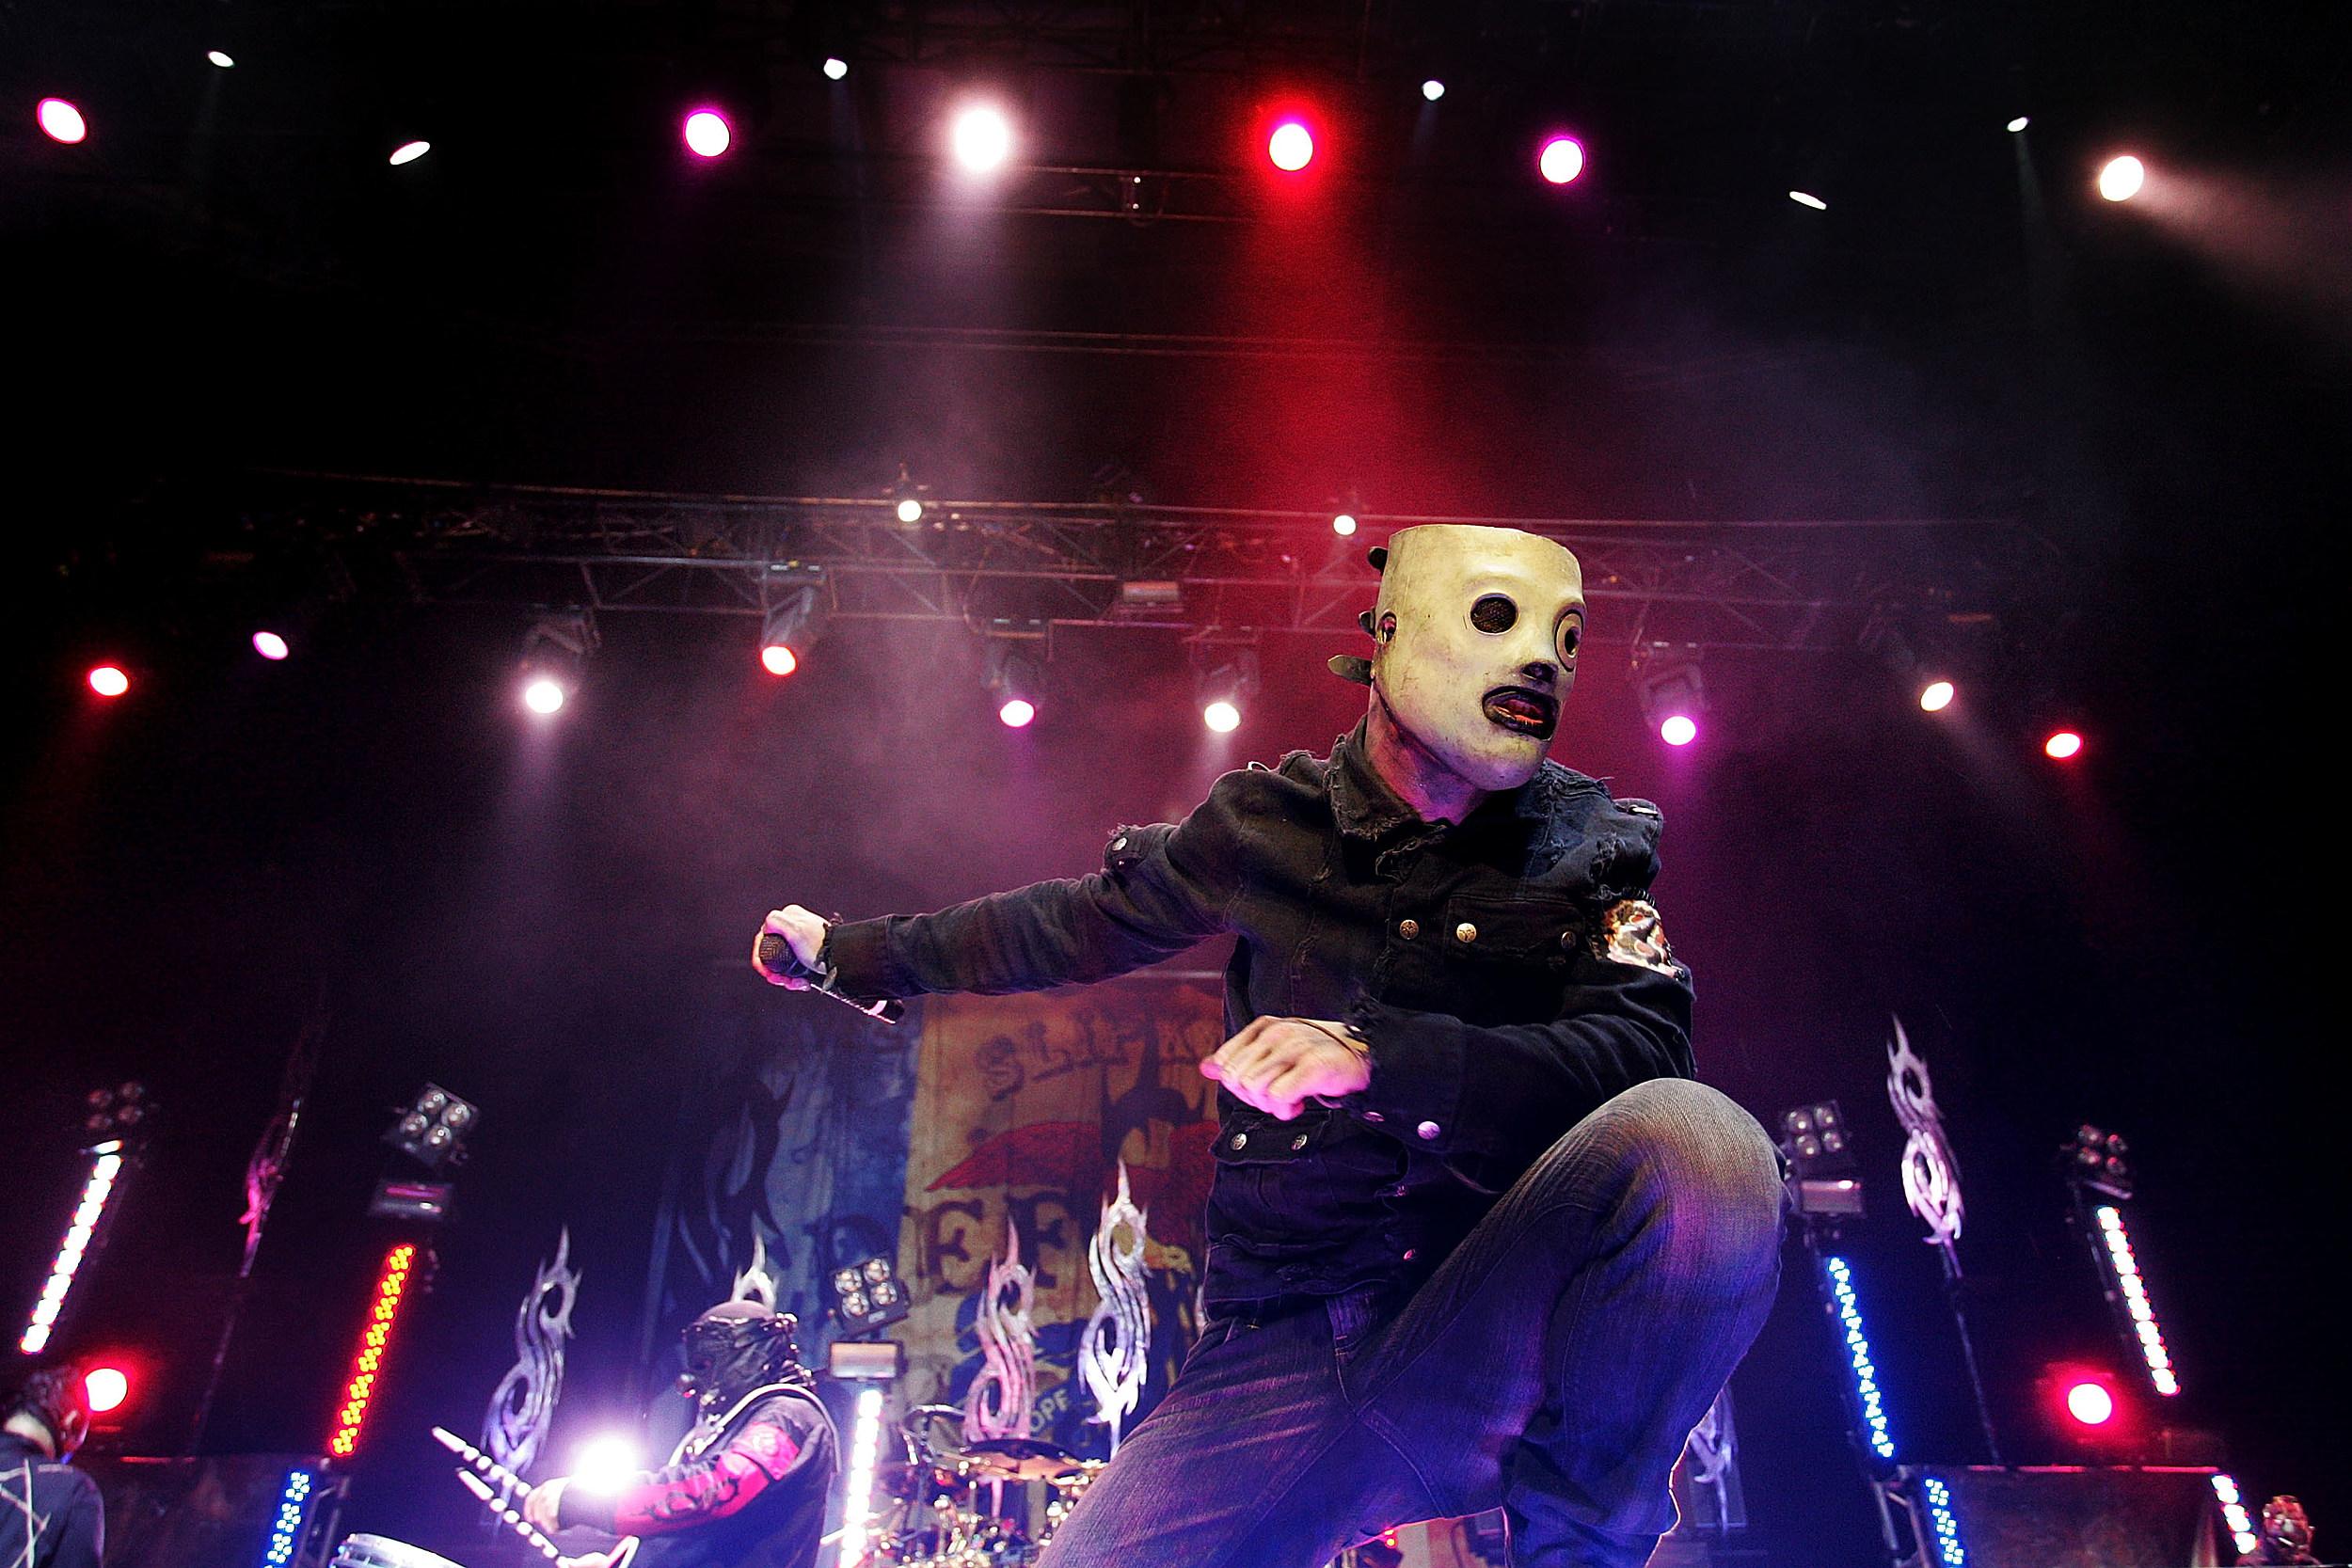 New song from Slipknot